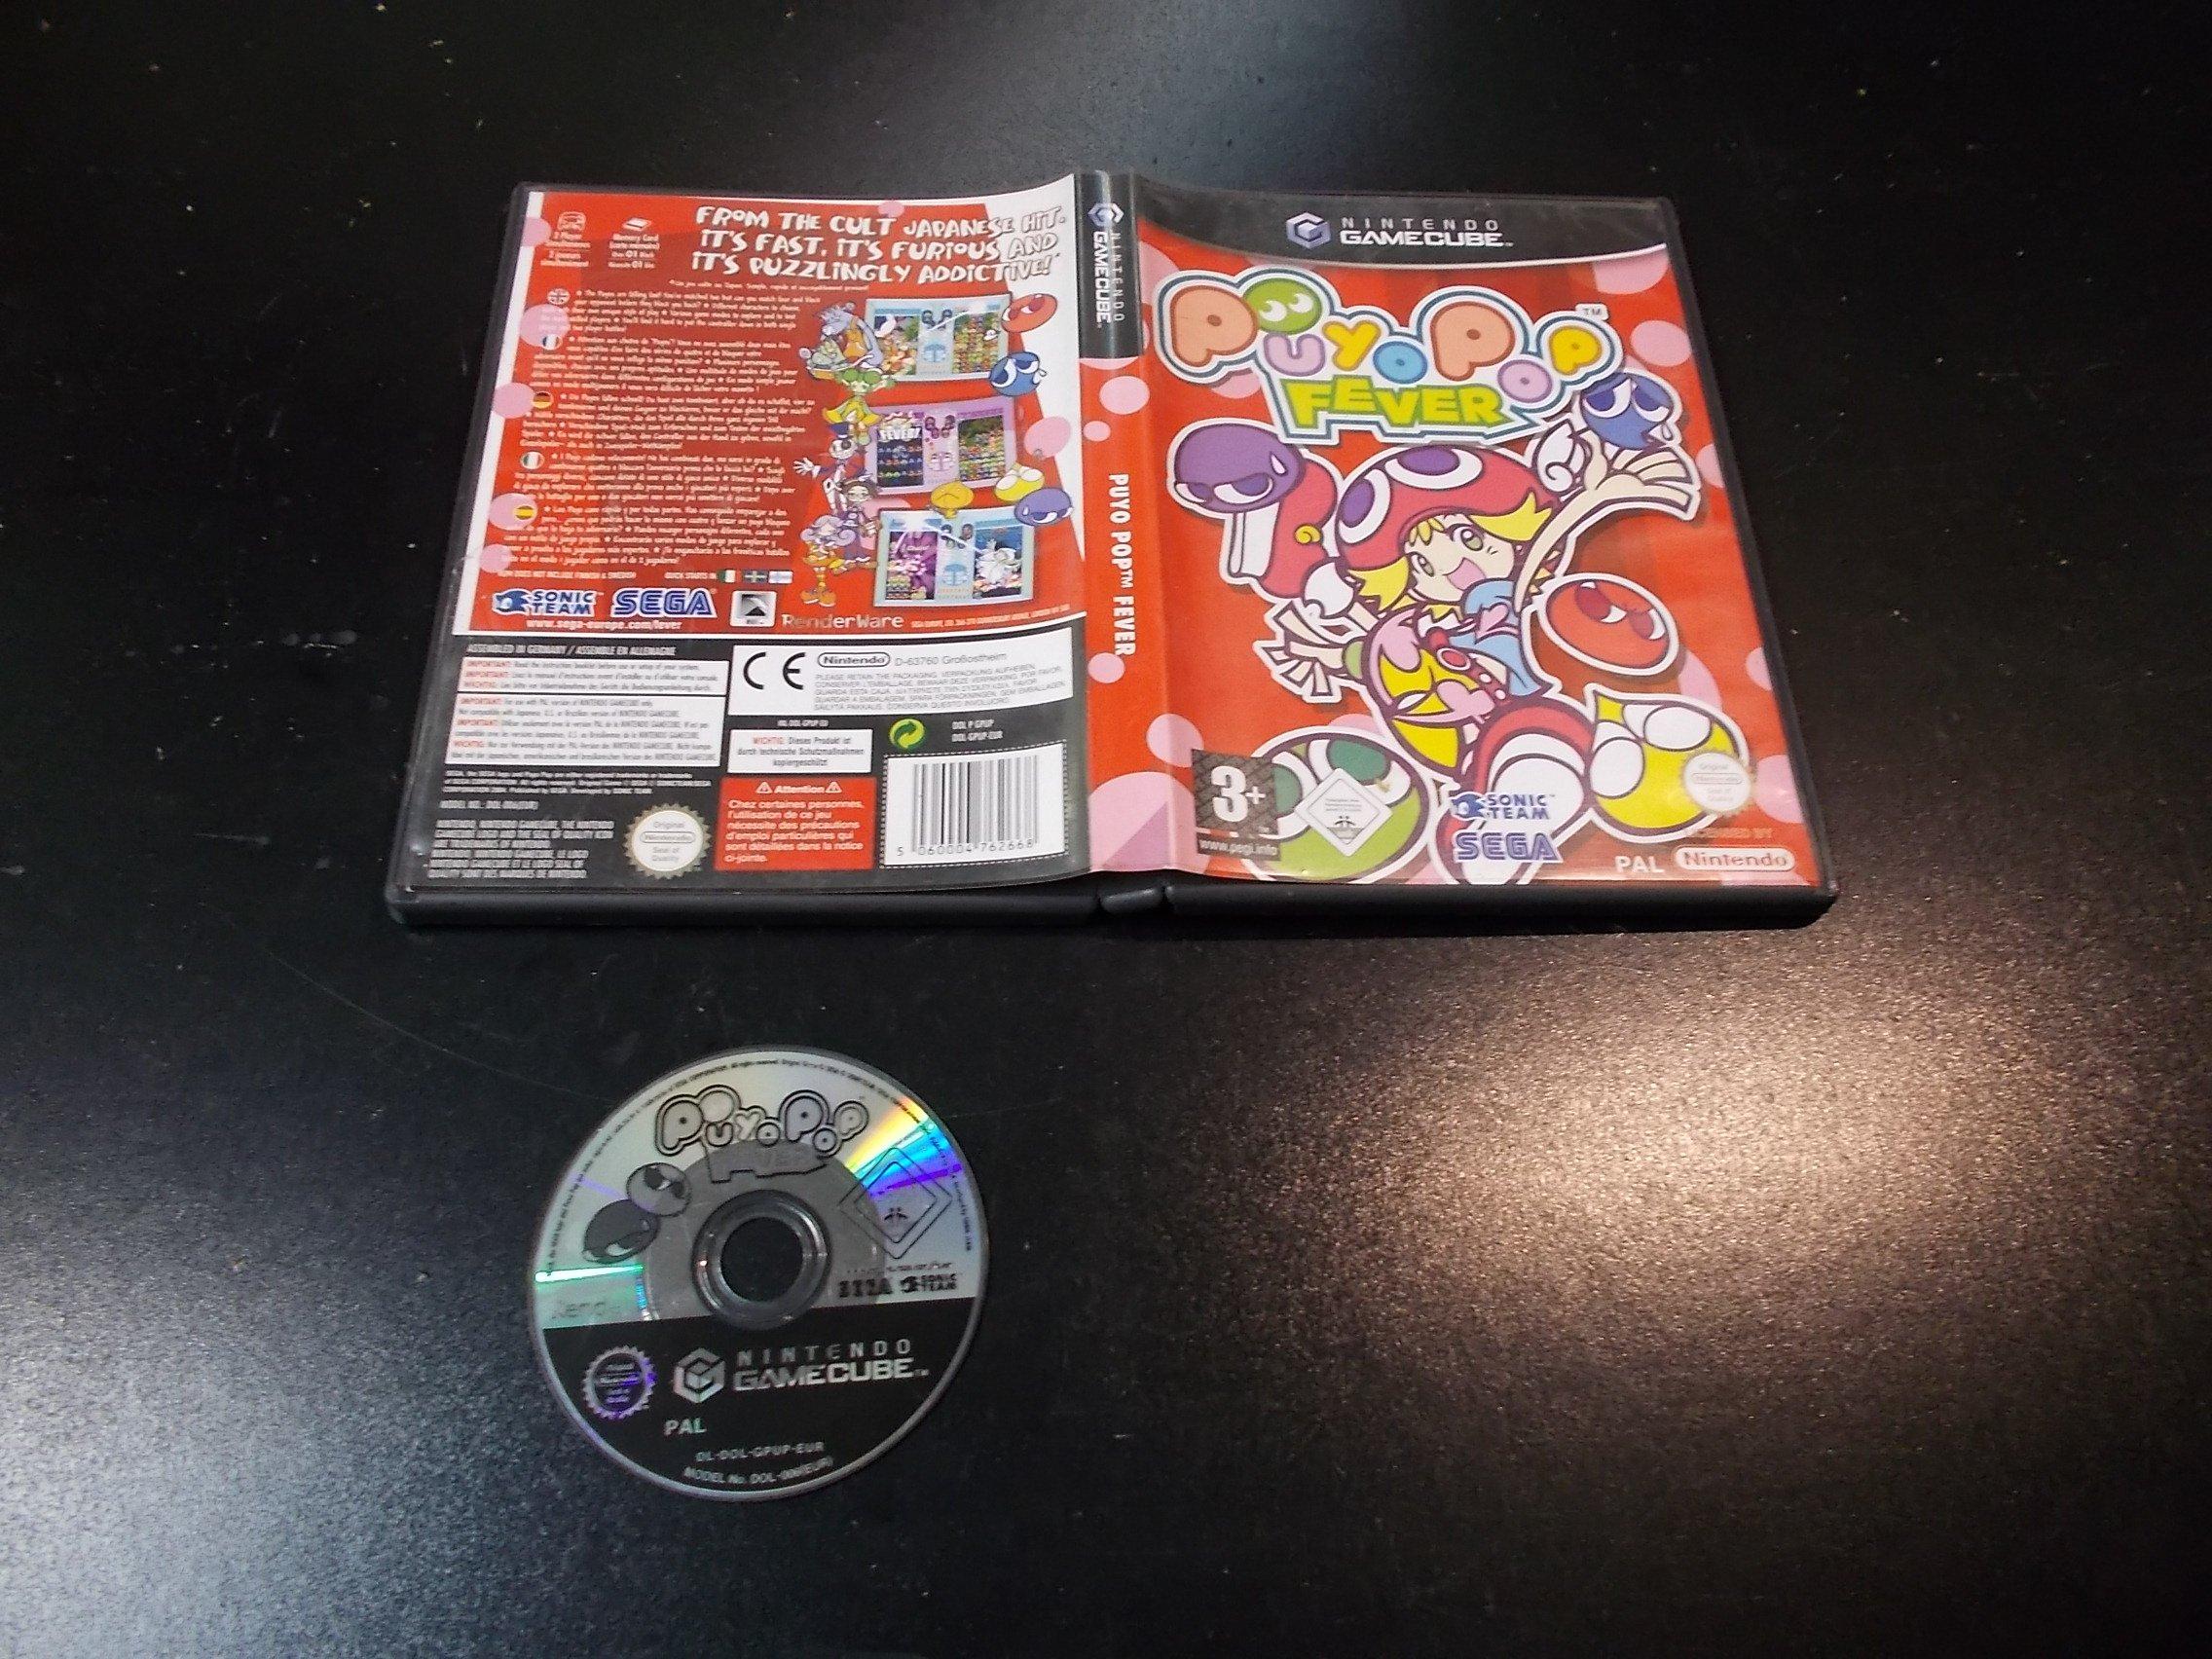 Puyo Pop Fever - GRA Nintendo GameCube Sklep